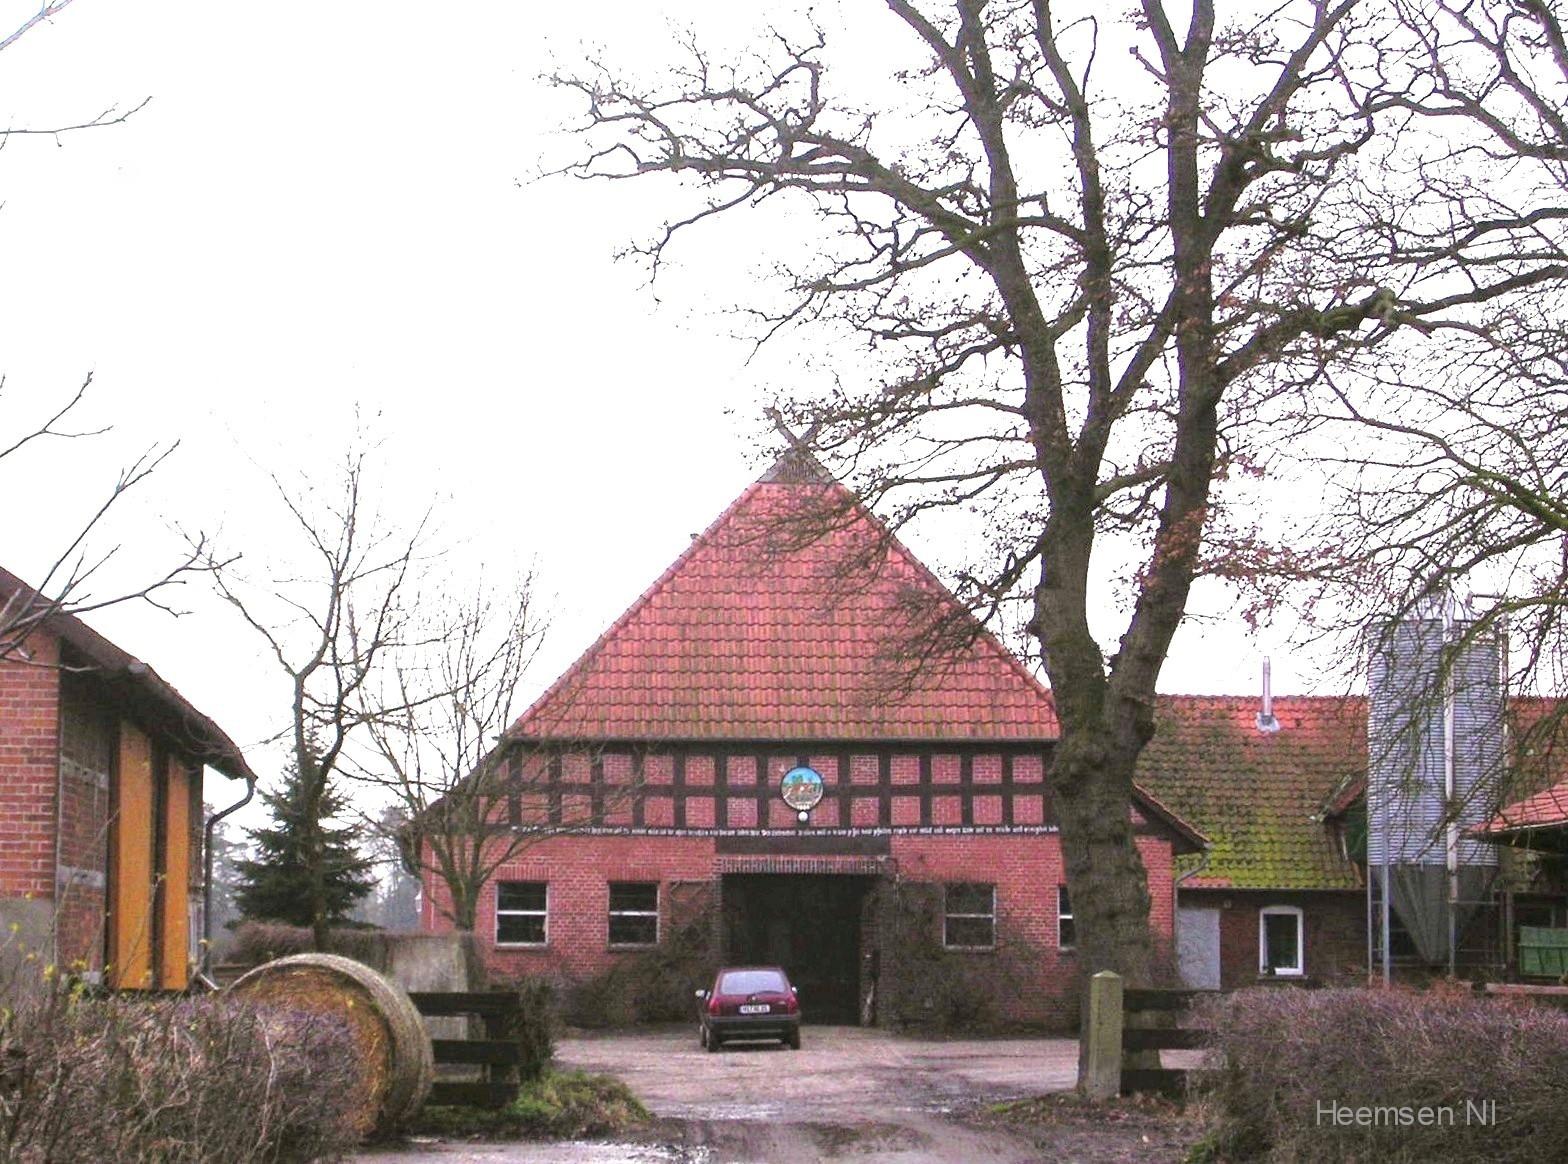 a-heemsen-ni-fachwerkhaus